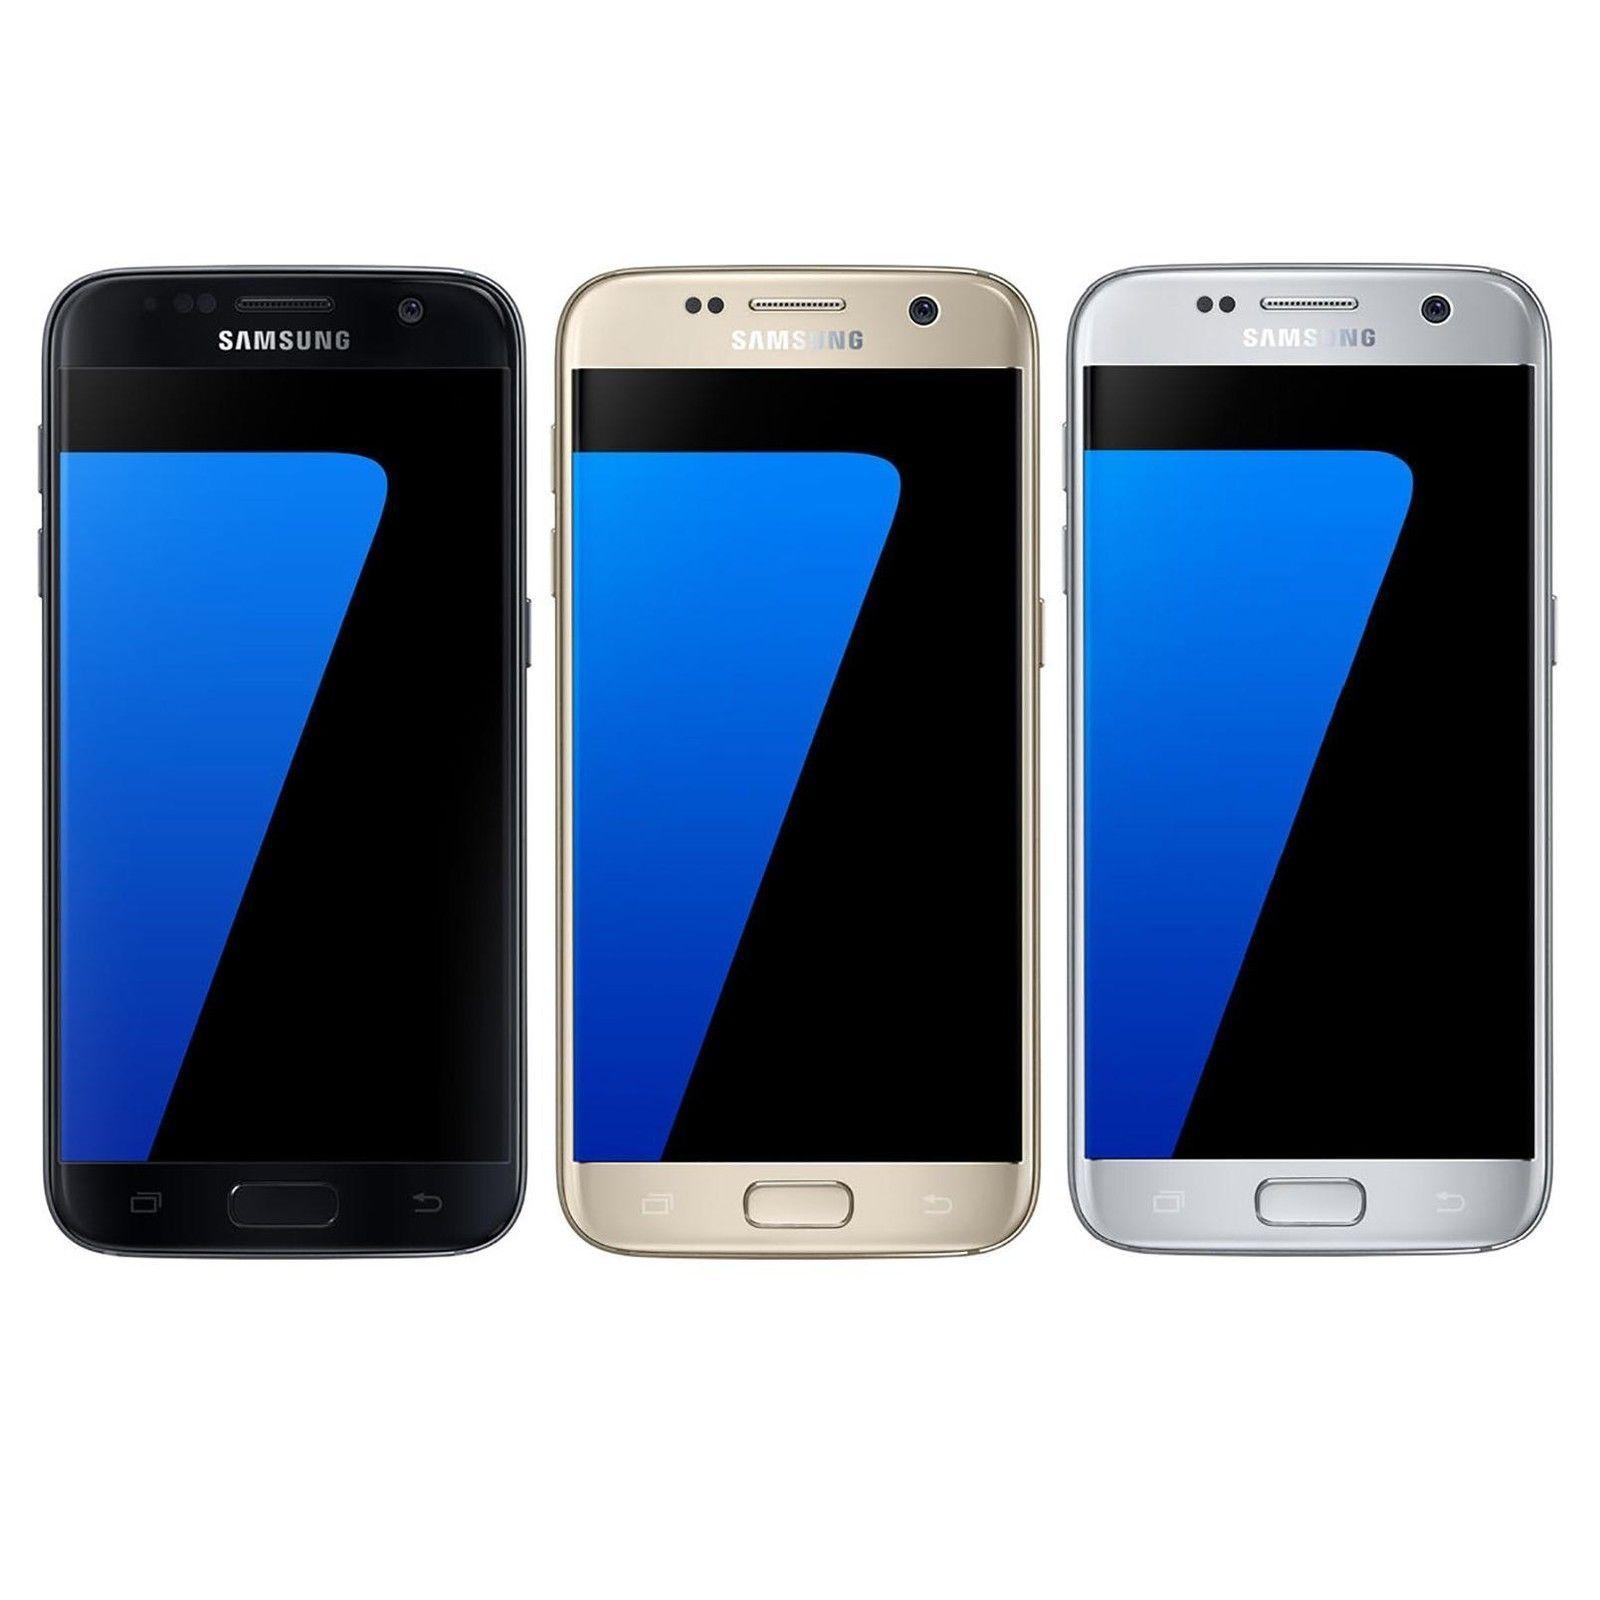 Manufacturer refurbished Samsung Galaxy S7 $479.99 -eBay. GSM Unlocked, 32GB version